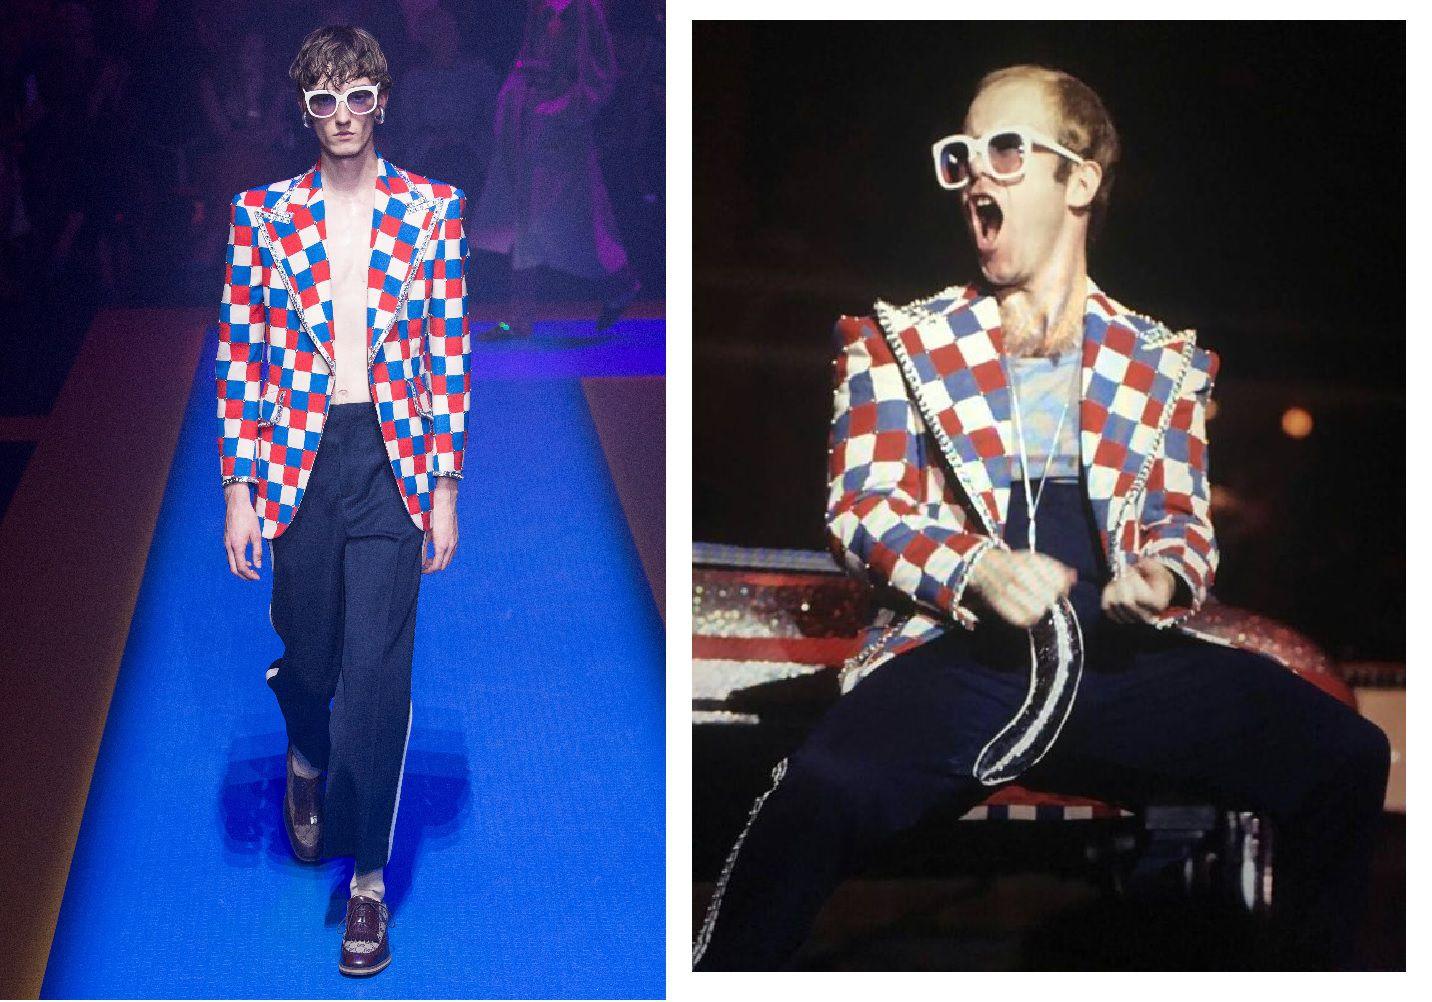 Thiết kế được lấy cảm hứng từ trang phục trình diễn của Sir Elton John, cũng là nguồn cảm hứng chính xuyên suốt cả BST Xuân Hè 2018 của Gucci.